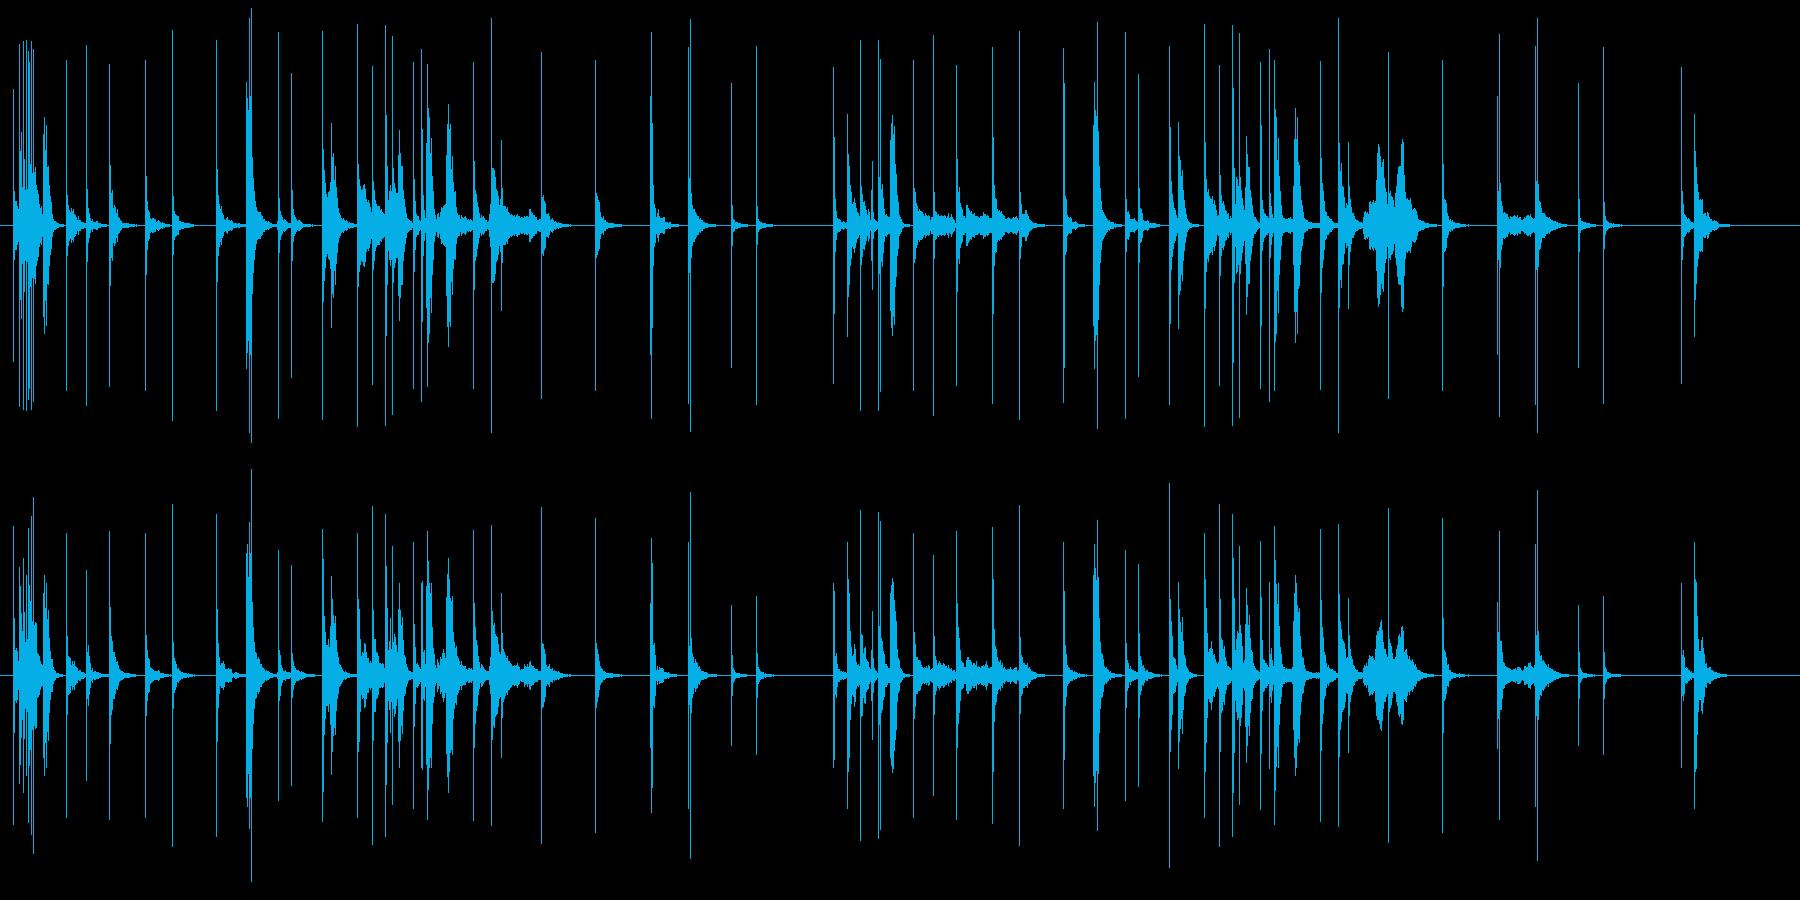 三味線が静けさの中に鳴り響く曲の再生済みの波形